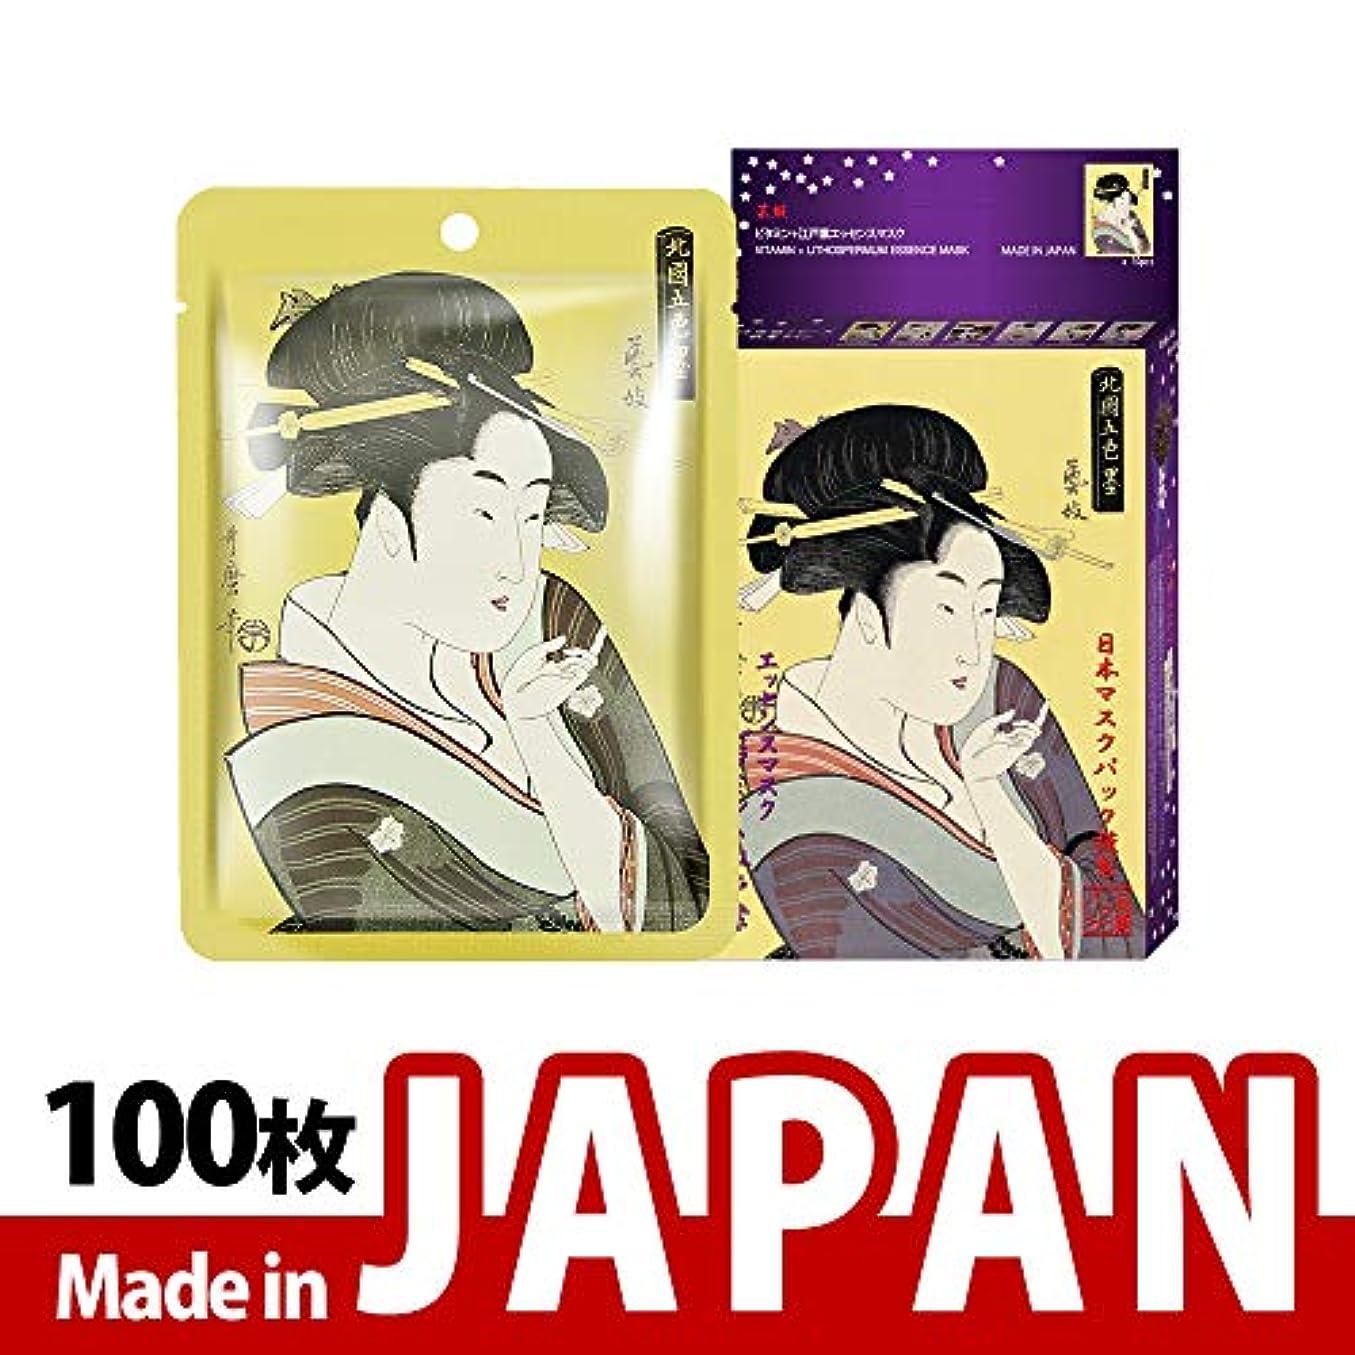 苦痛商品ストレンジャーMITOMO【JP002-A-5】日本製シートマスク/10枚入り/100枚/美容液/マスクパック/送料無料